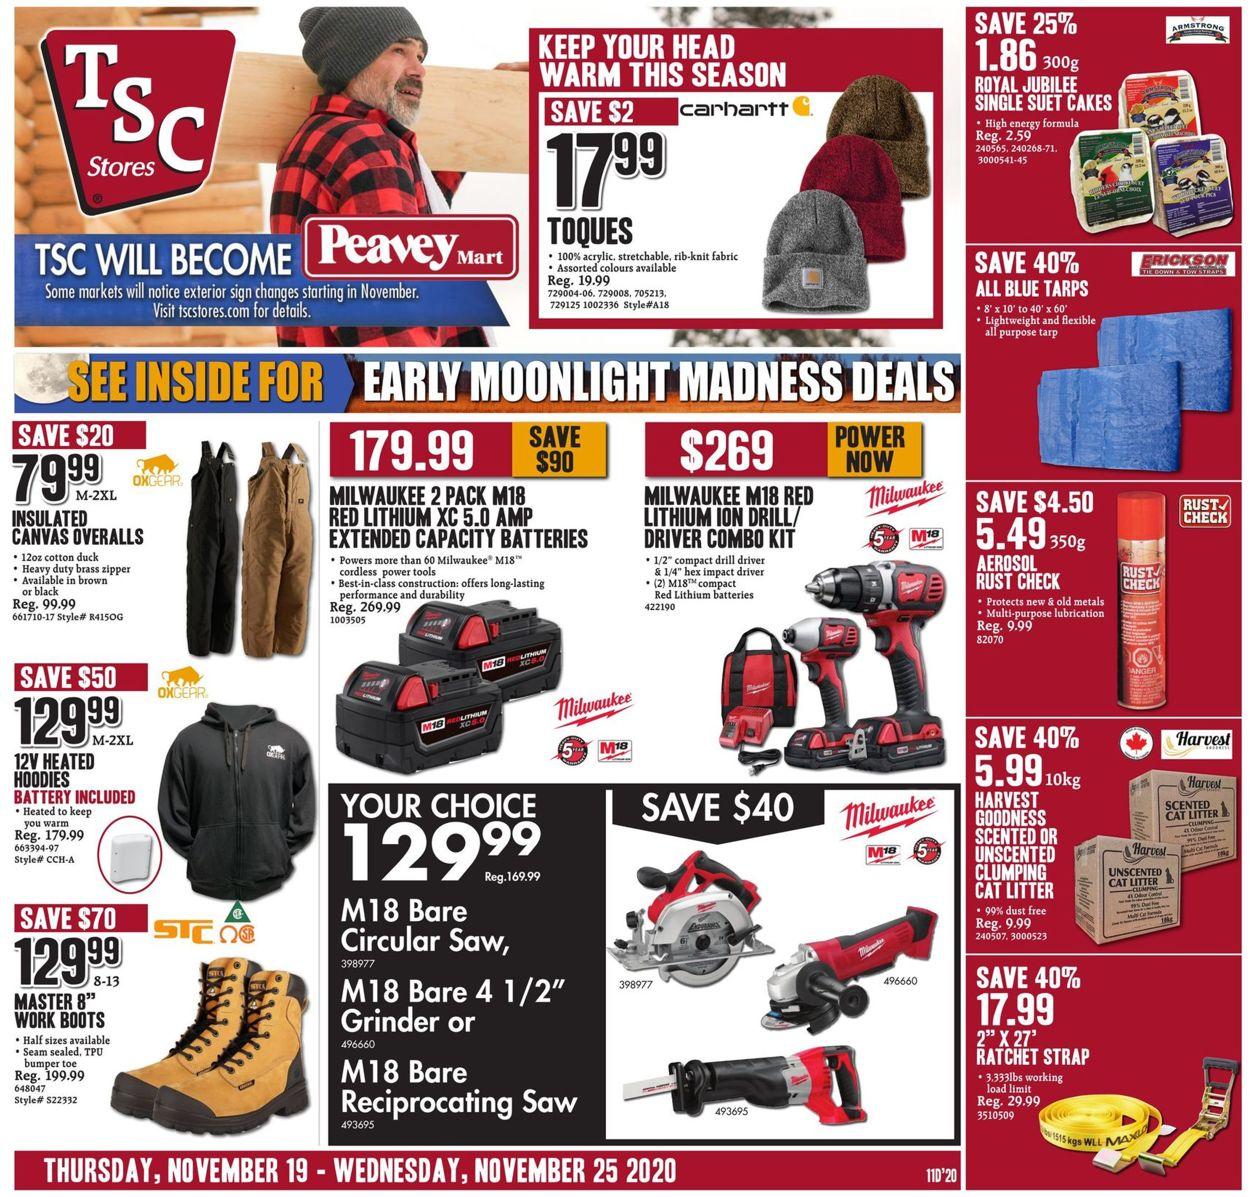 TSC Stores Flyer - 11/19-11/25/2020